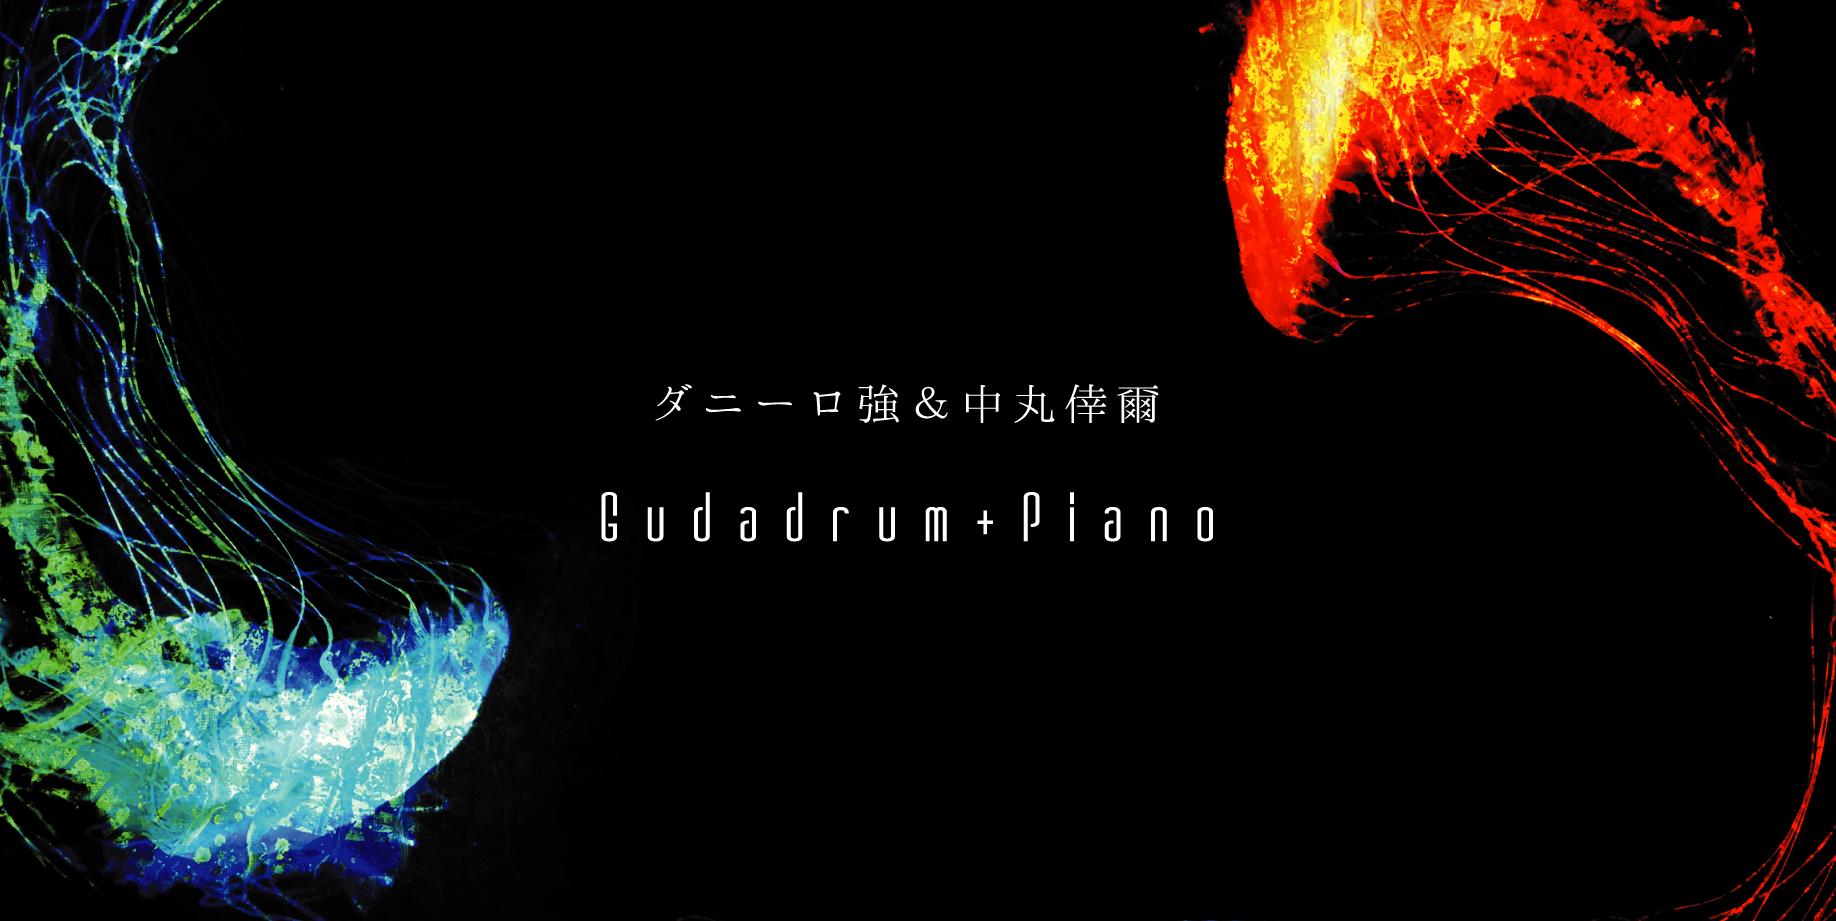 グーダドラムとピアノの世界